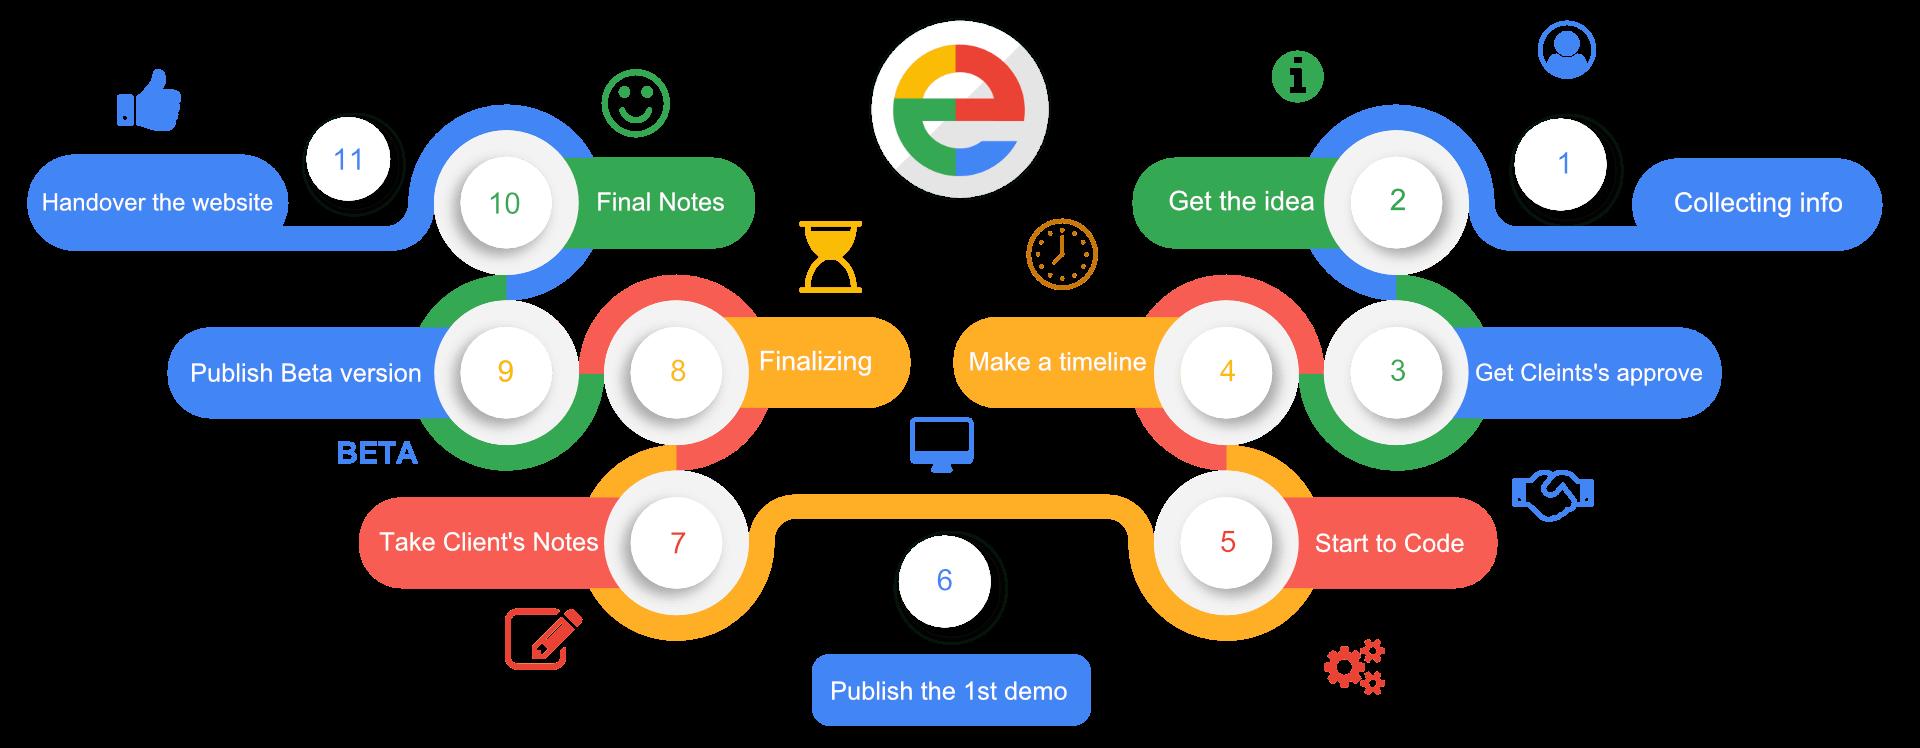 تصميم مواقع انترنت تصميم مواقع تصميم المواقع برمجة مواقع Website Design Design Program Make A Timeline